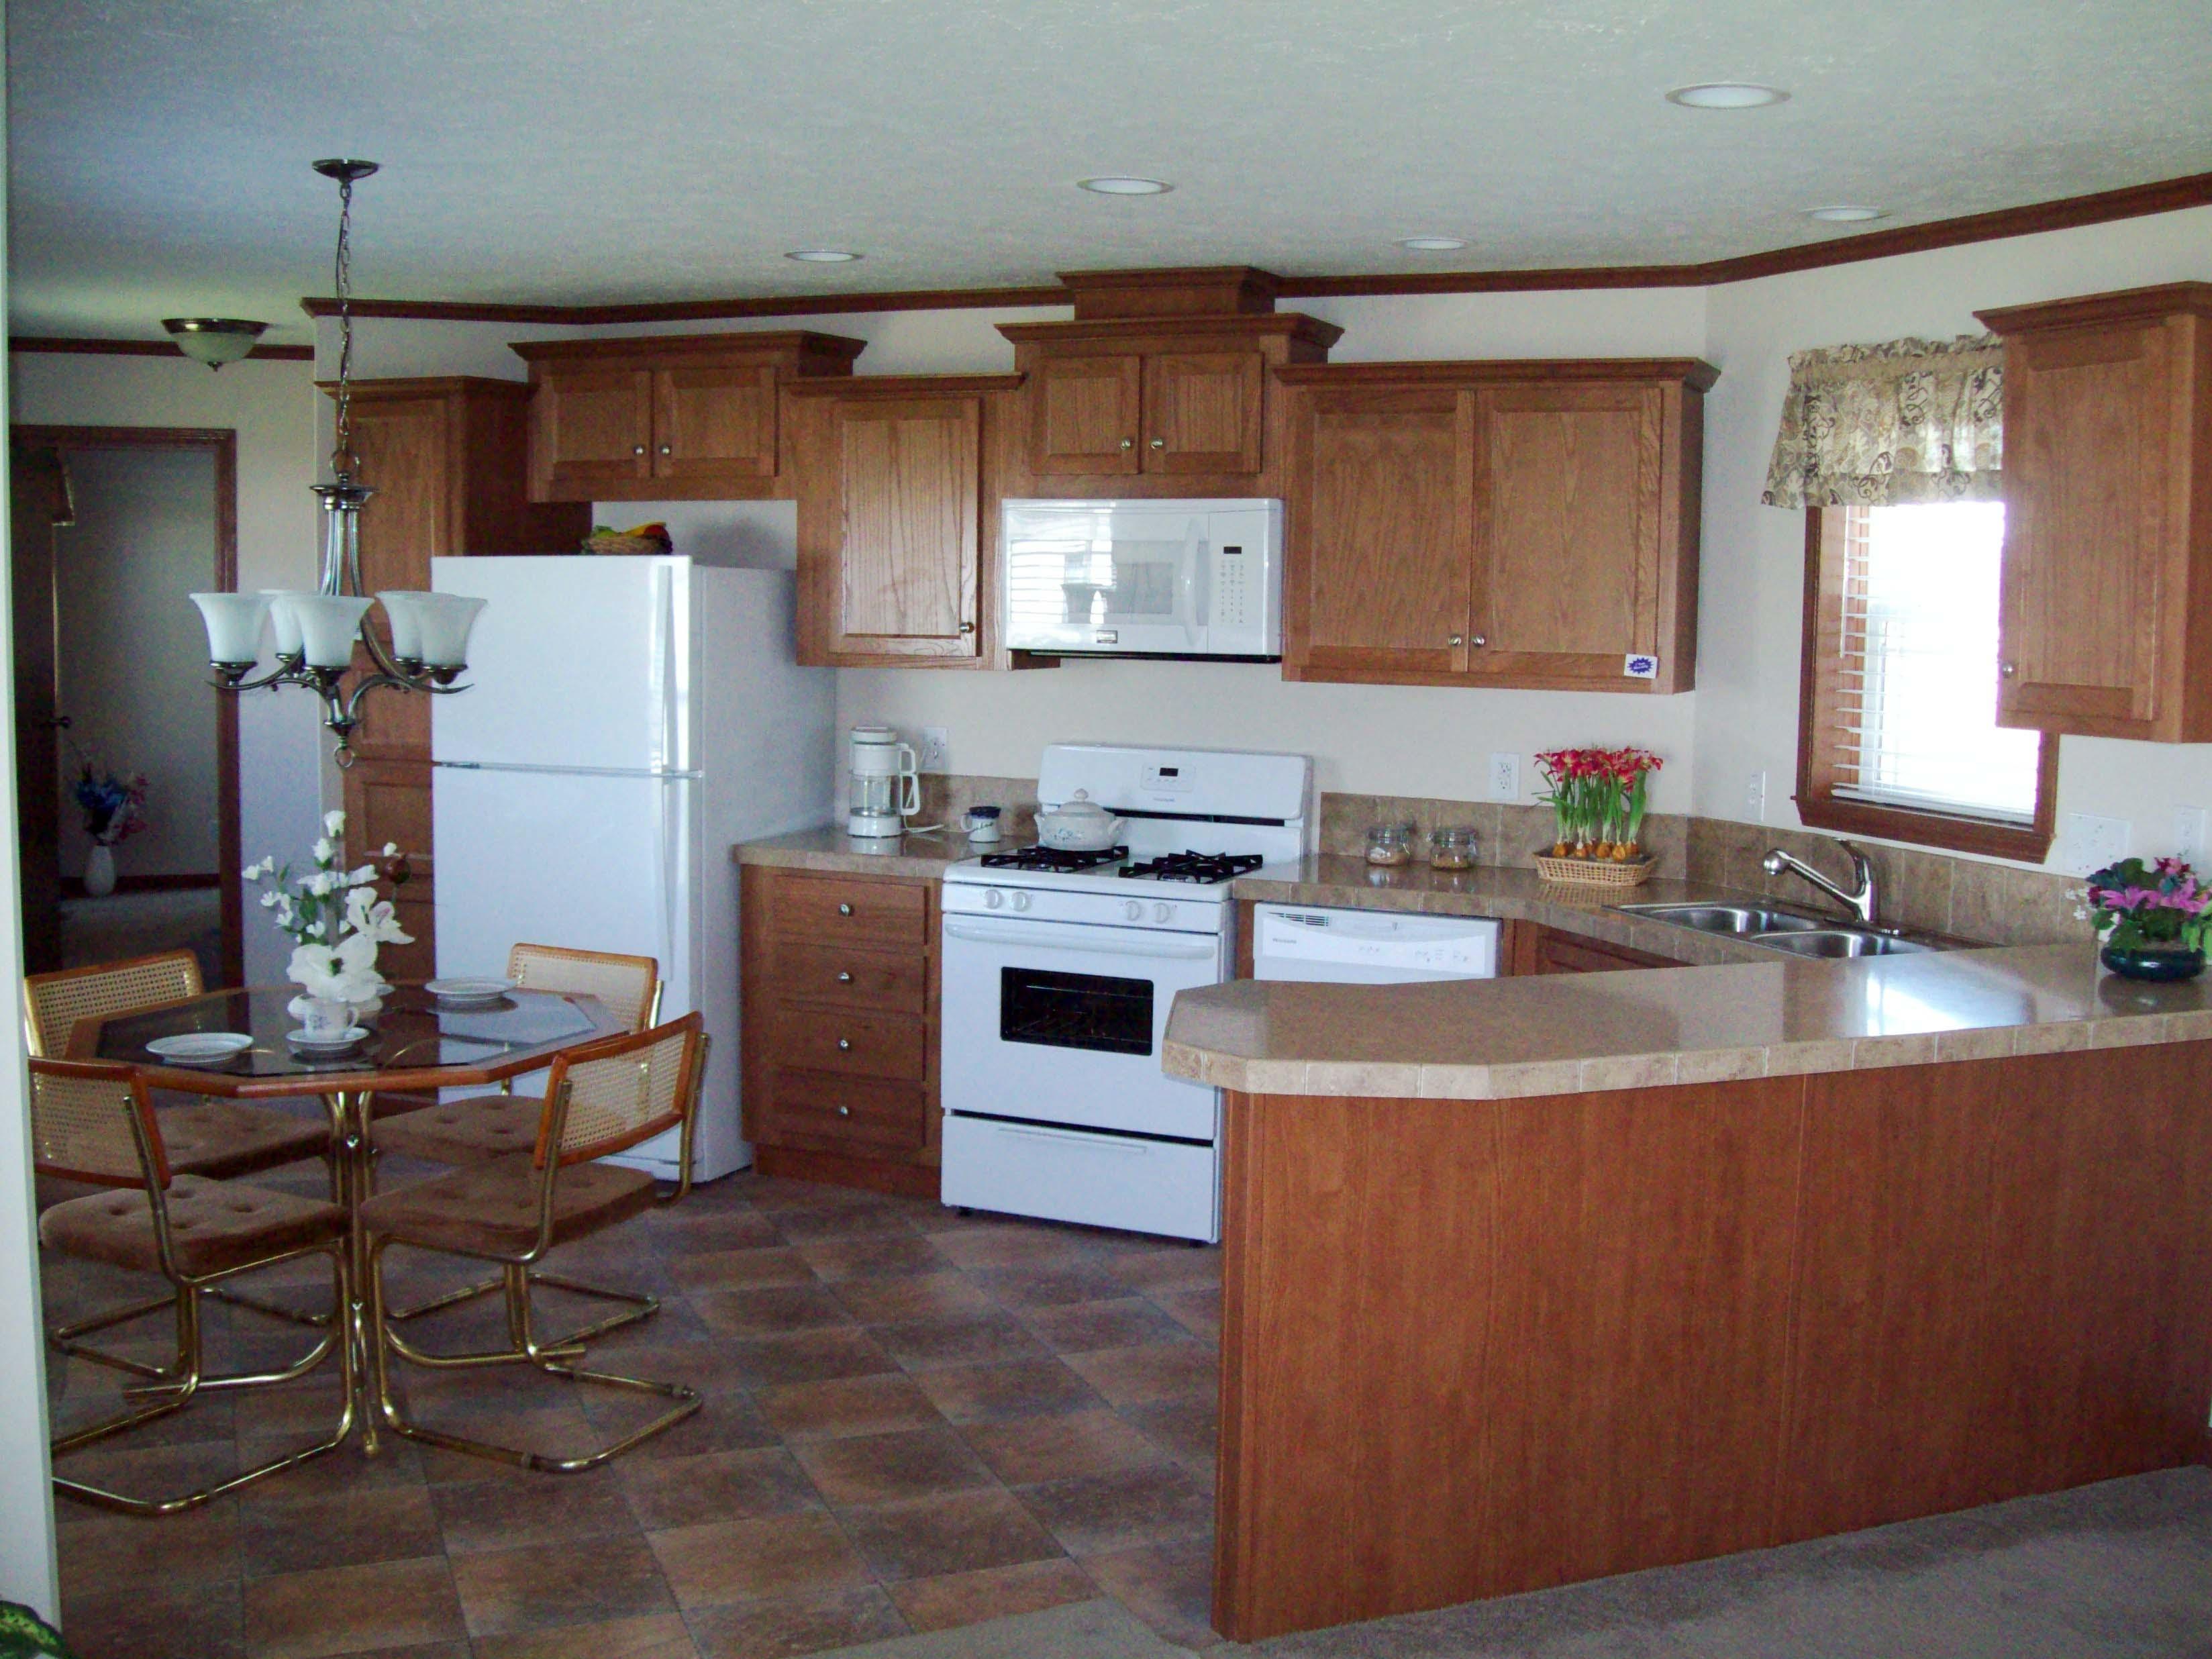 247 Kitchen.Dutch 1680 247 Burds Housing